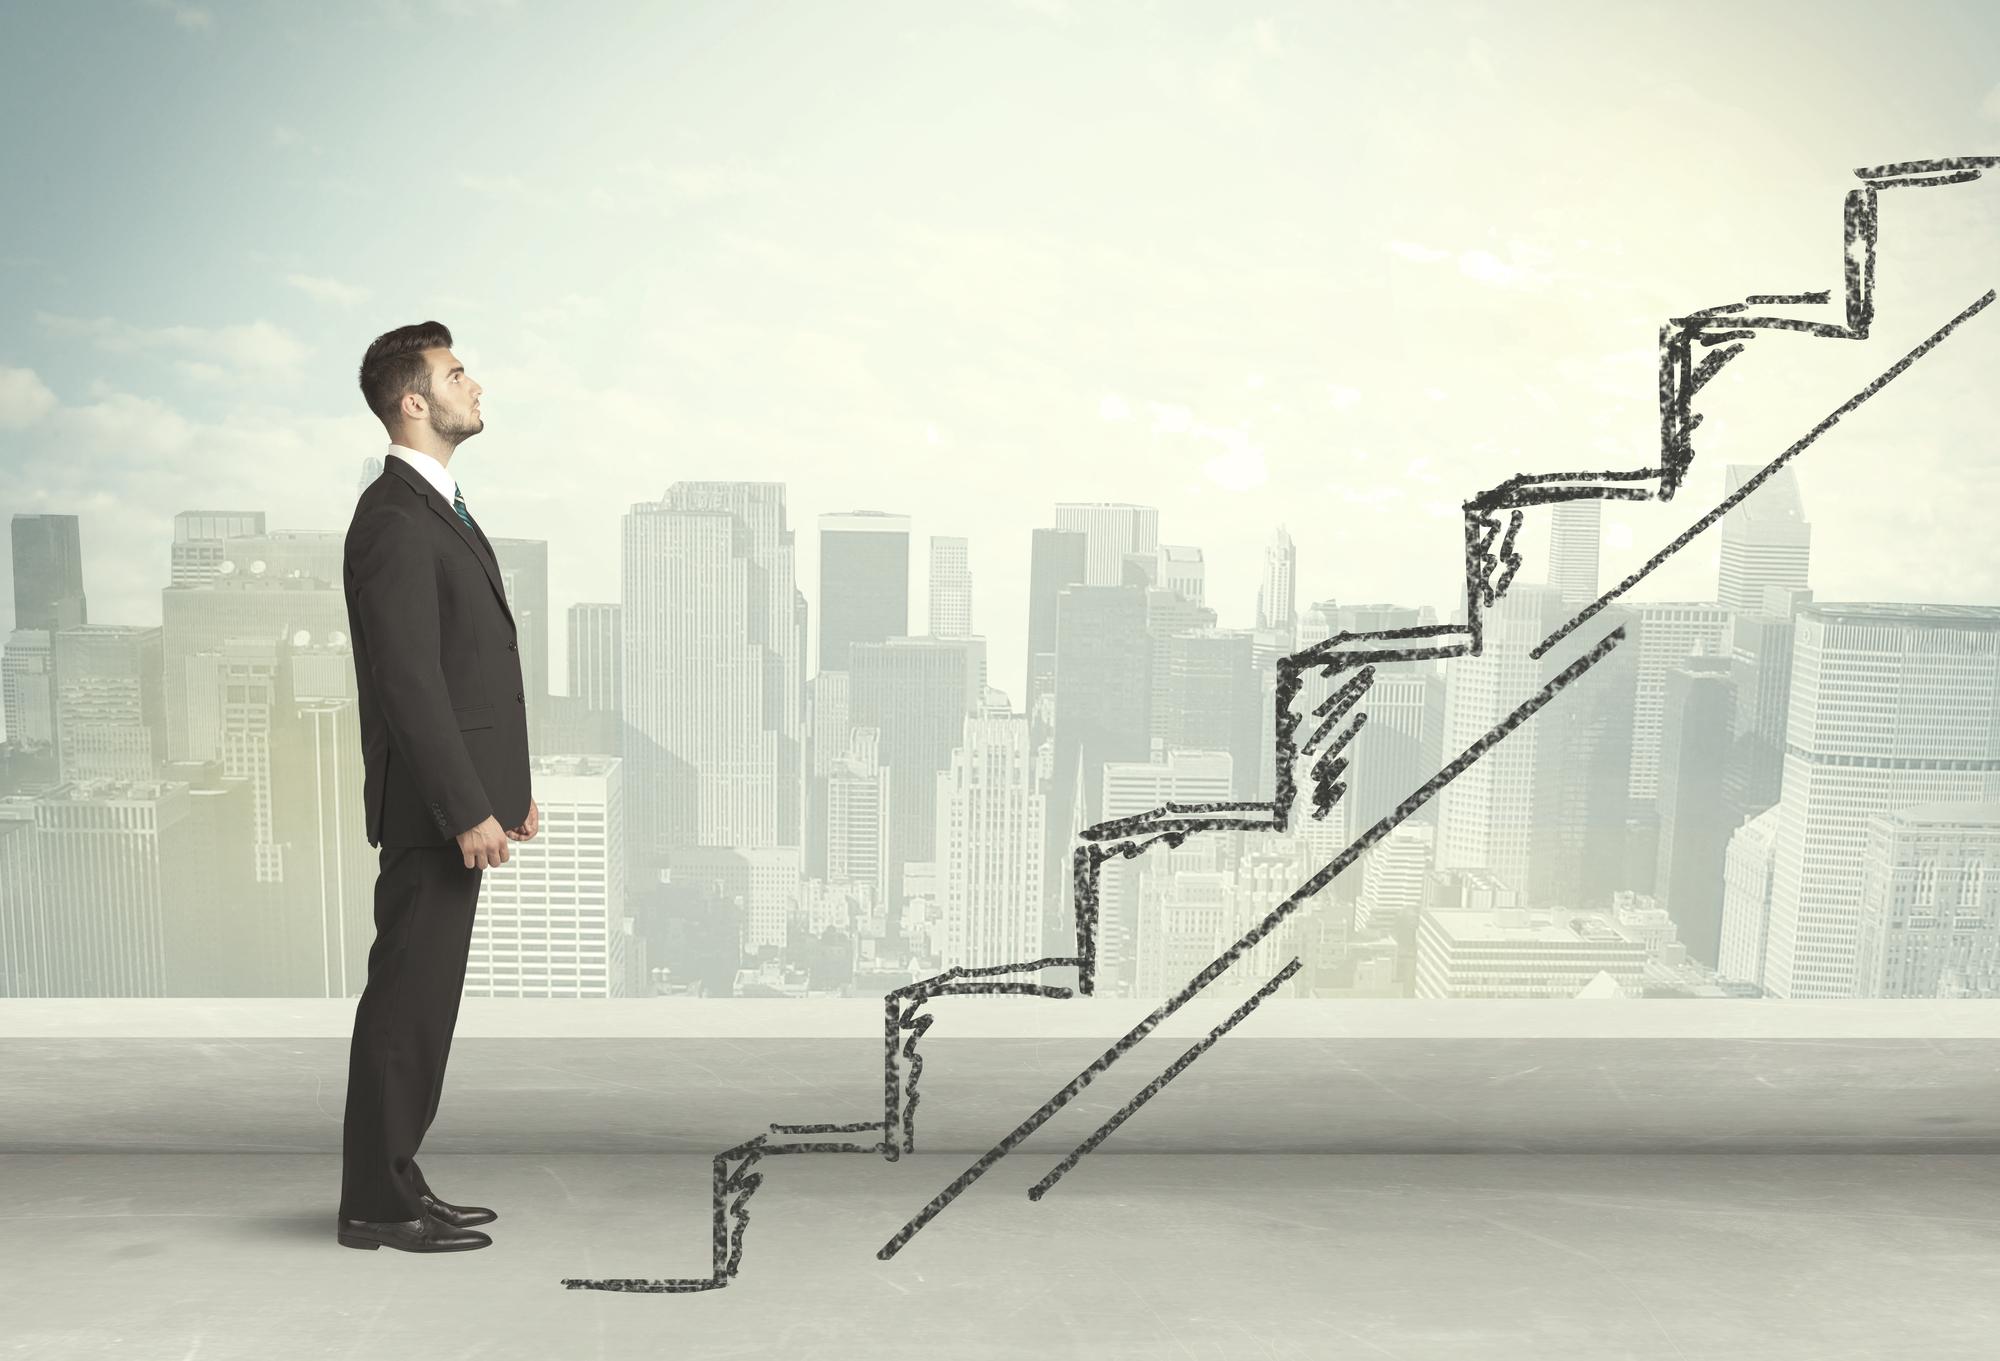 Erfolg ist einfach – Die wichtigsten Schritte auf dem Weg zum Erfolg